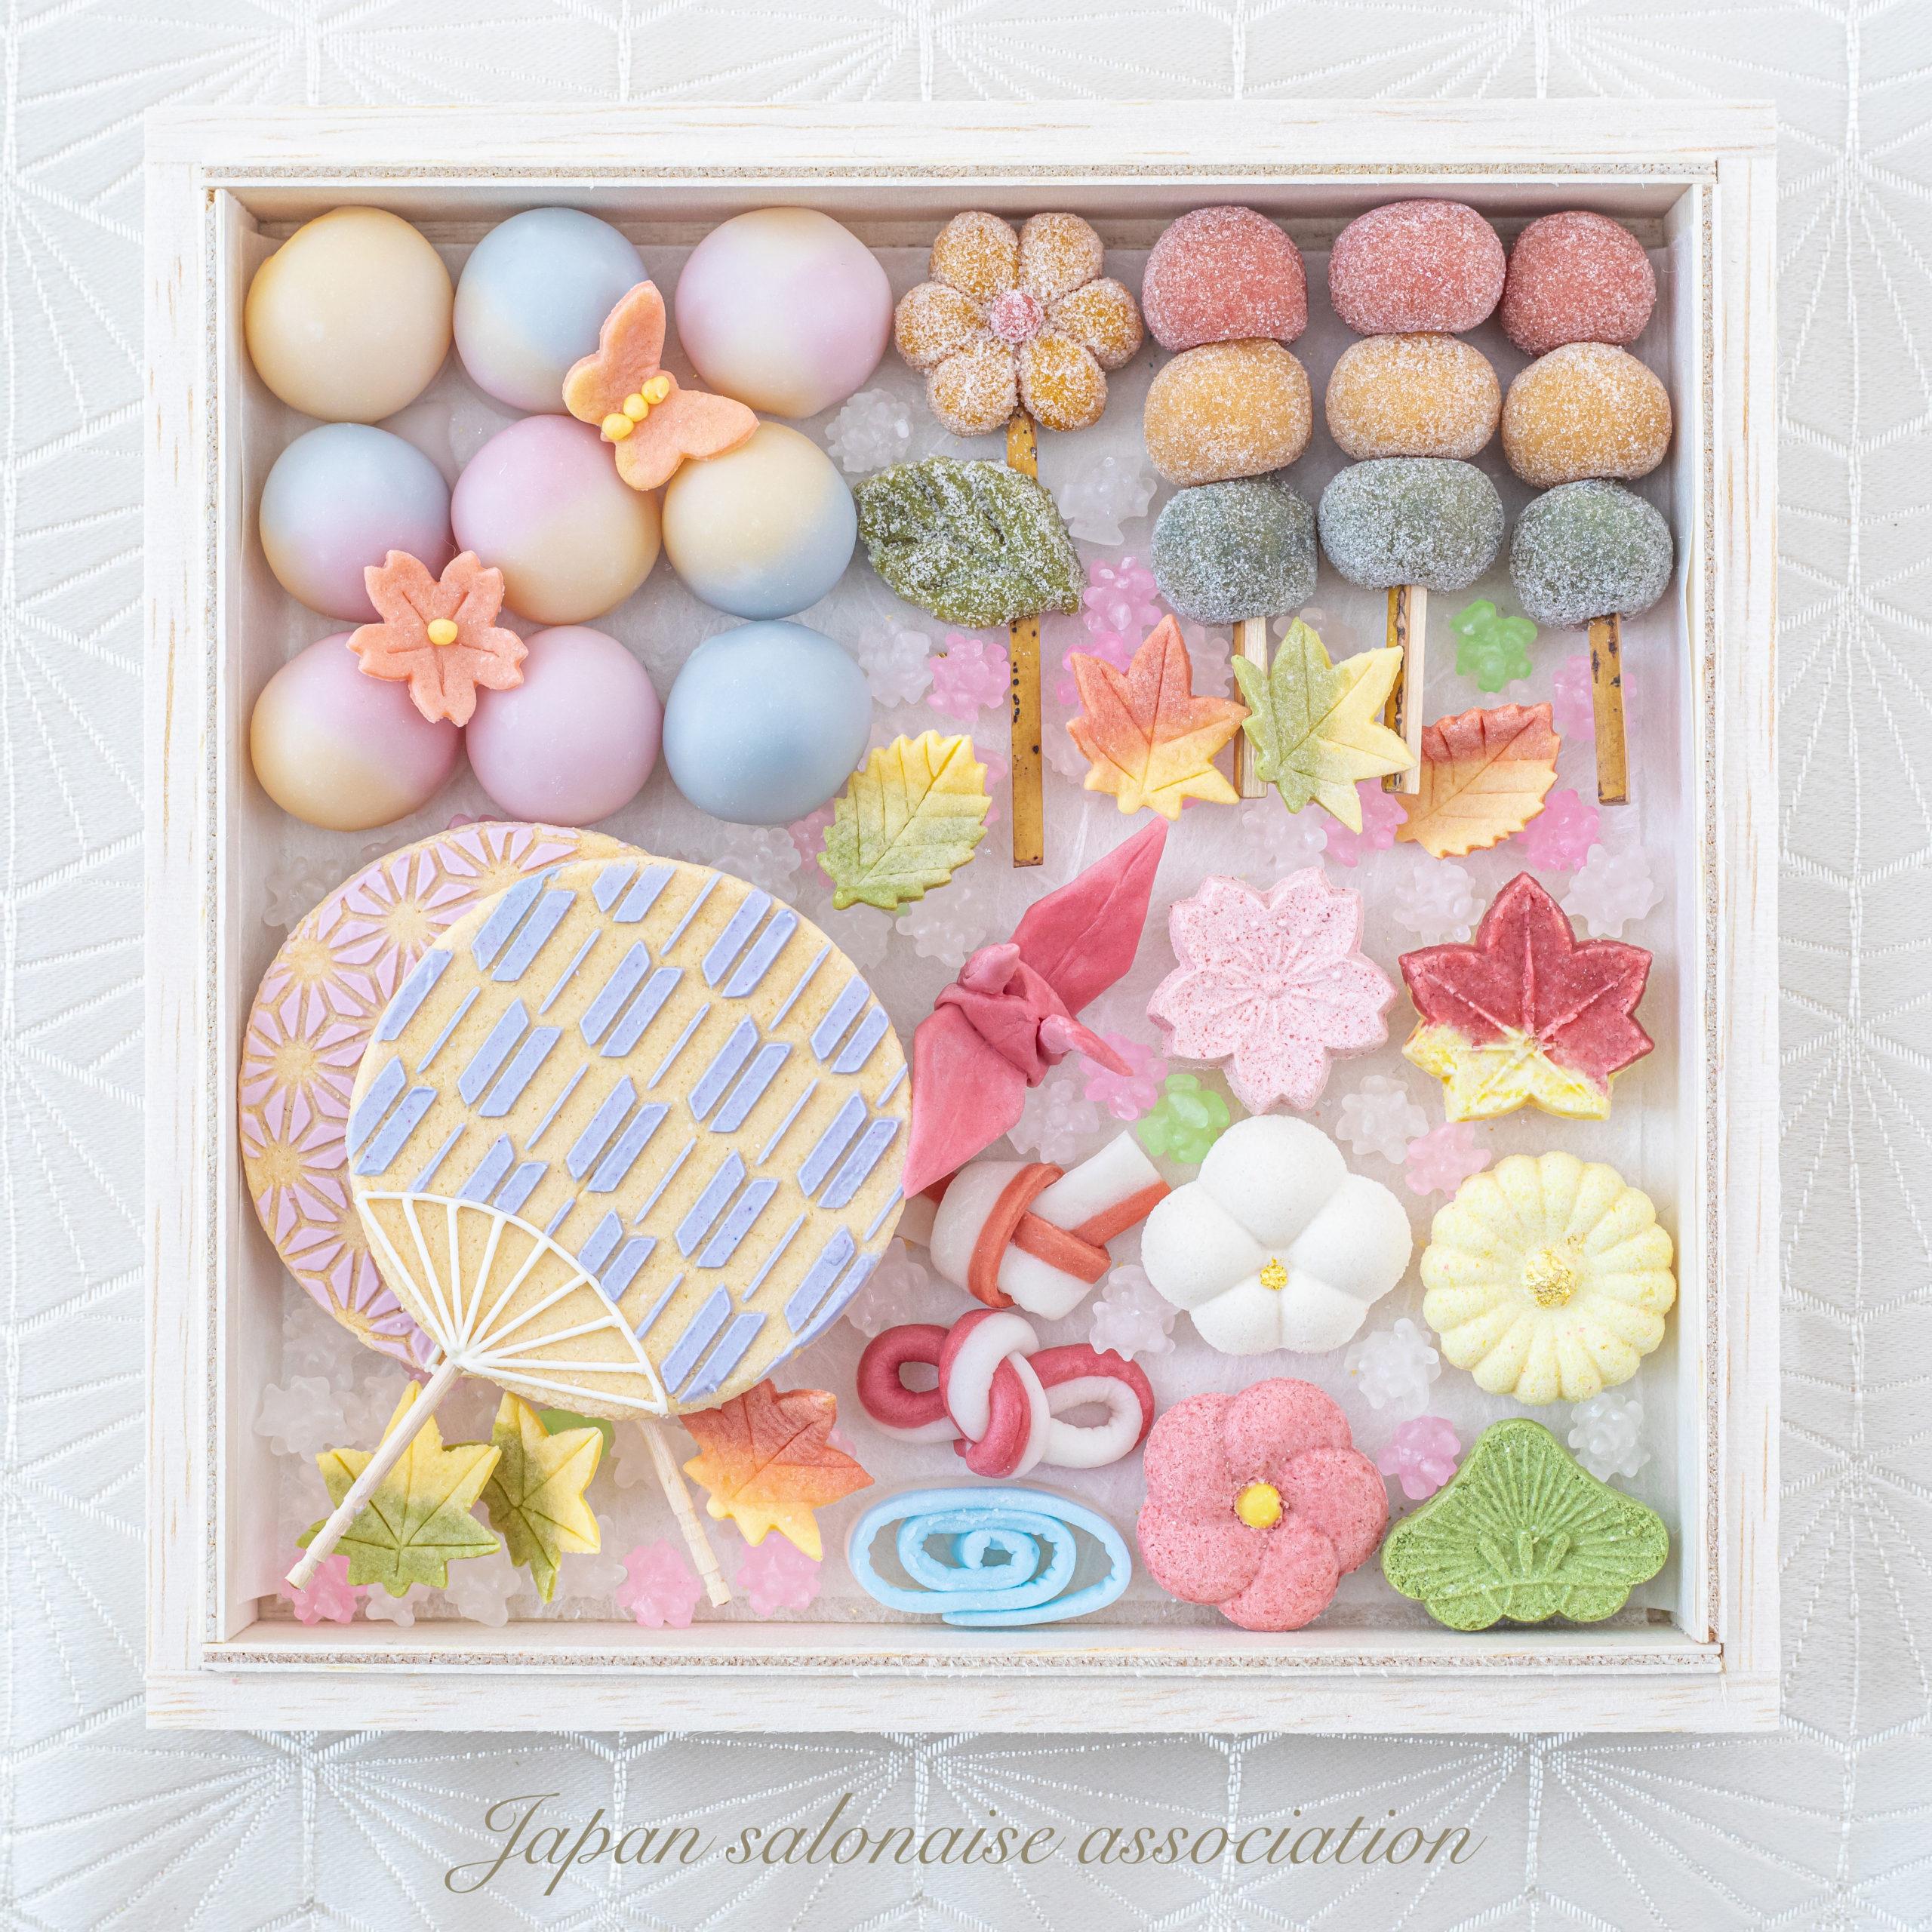 干菓子&半生菓子講師證照課程